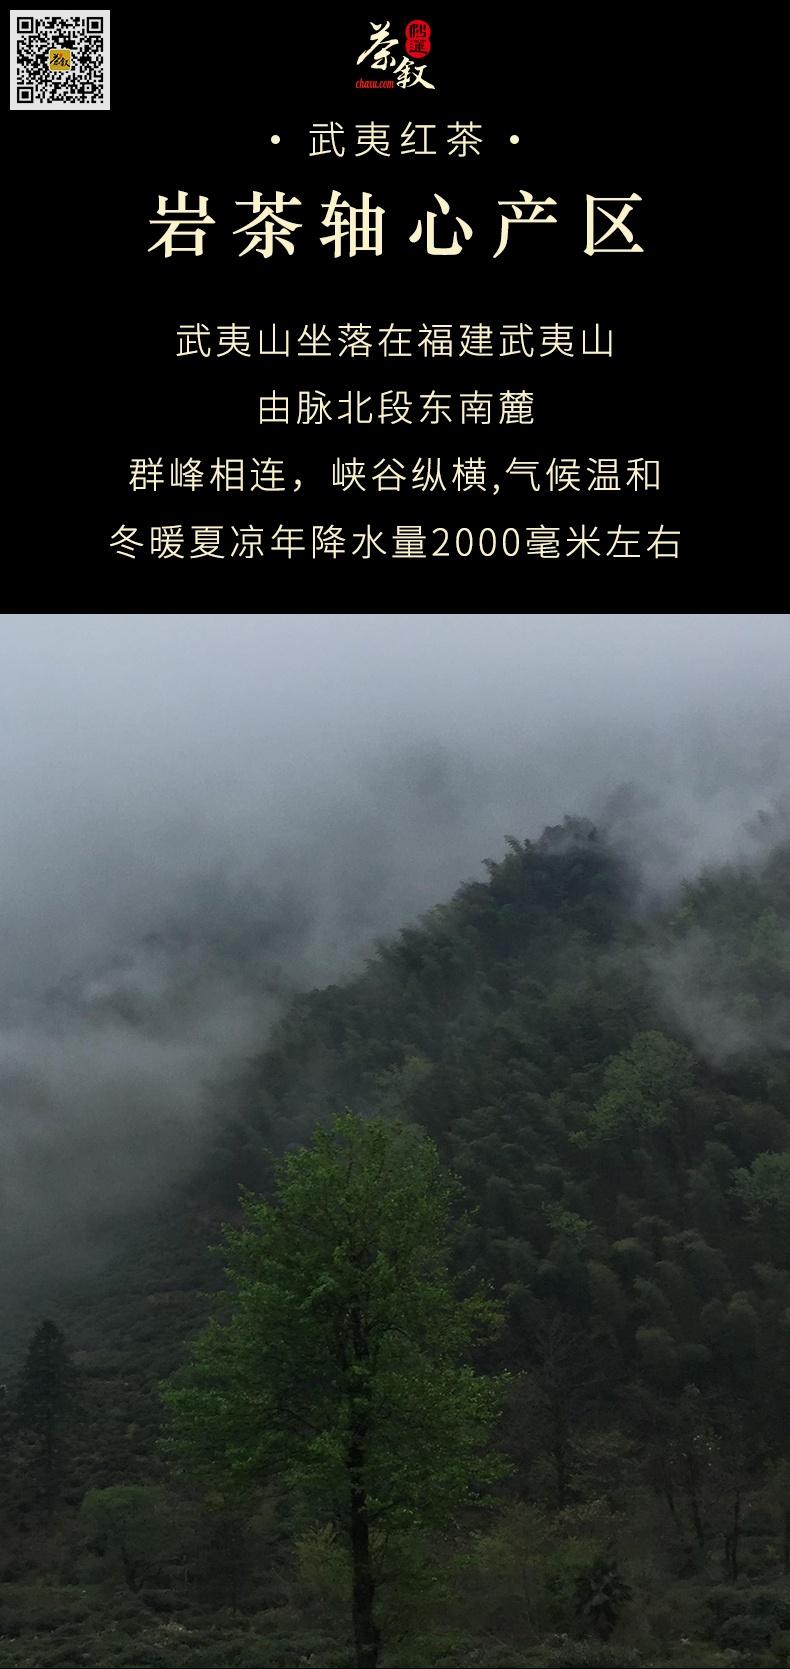 武夷红茶小种红茶产自武夷山本山